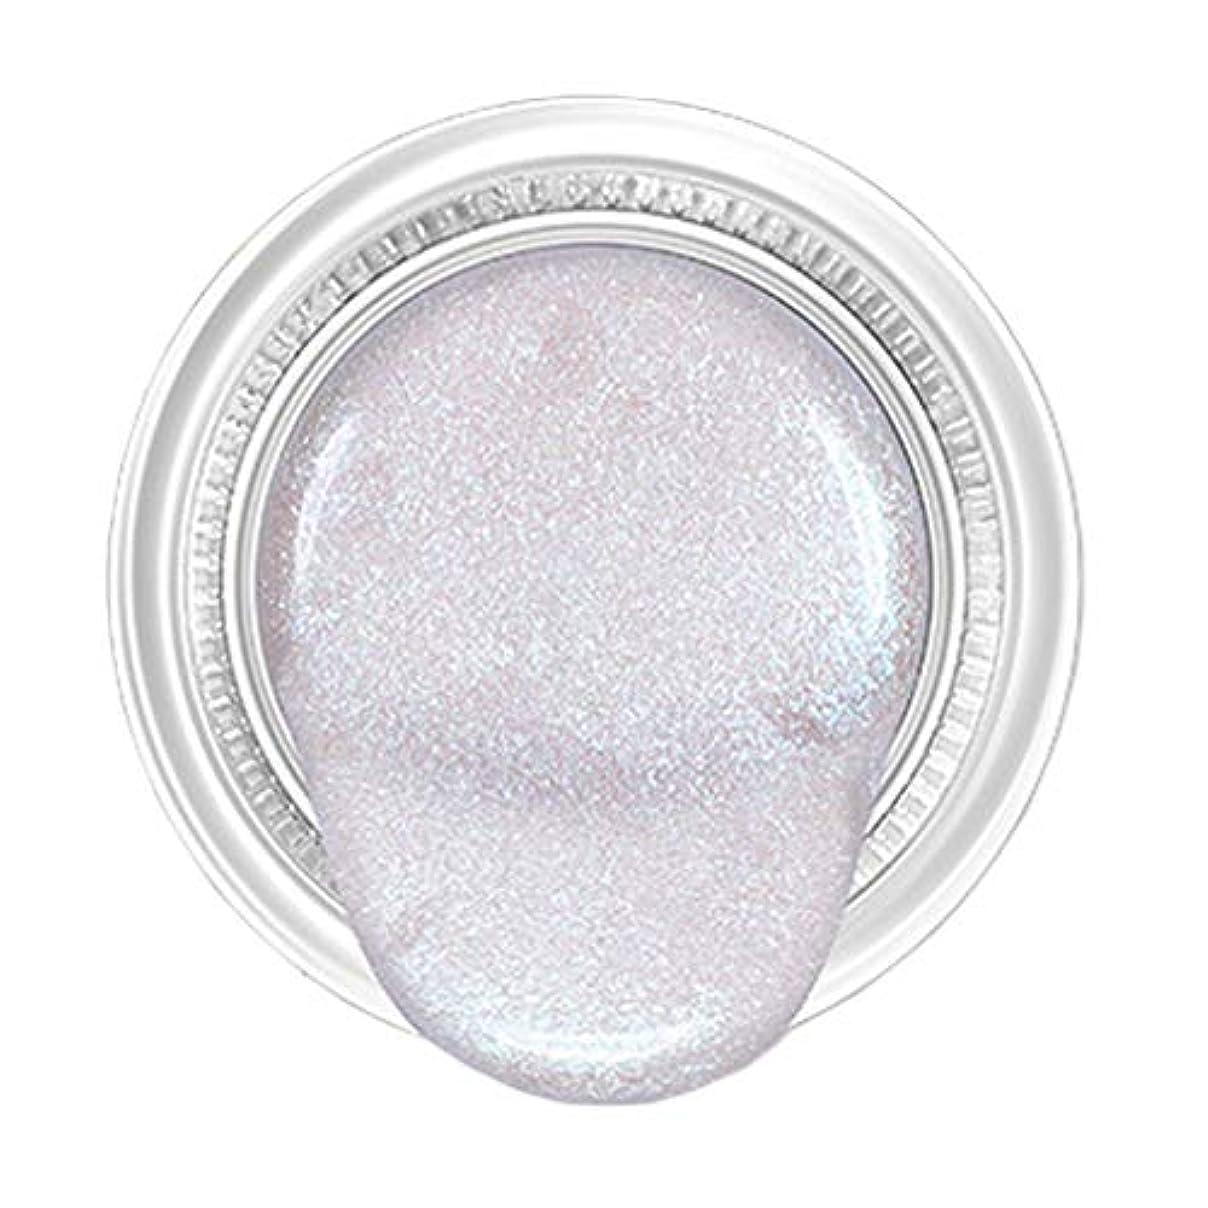 区成長する無効にするSM SunniMix アイシャドウ リキッド シマー キラキラ メイクアップ アイメイク 防水 高度着色 全5カラー - 銀